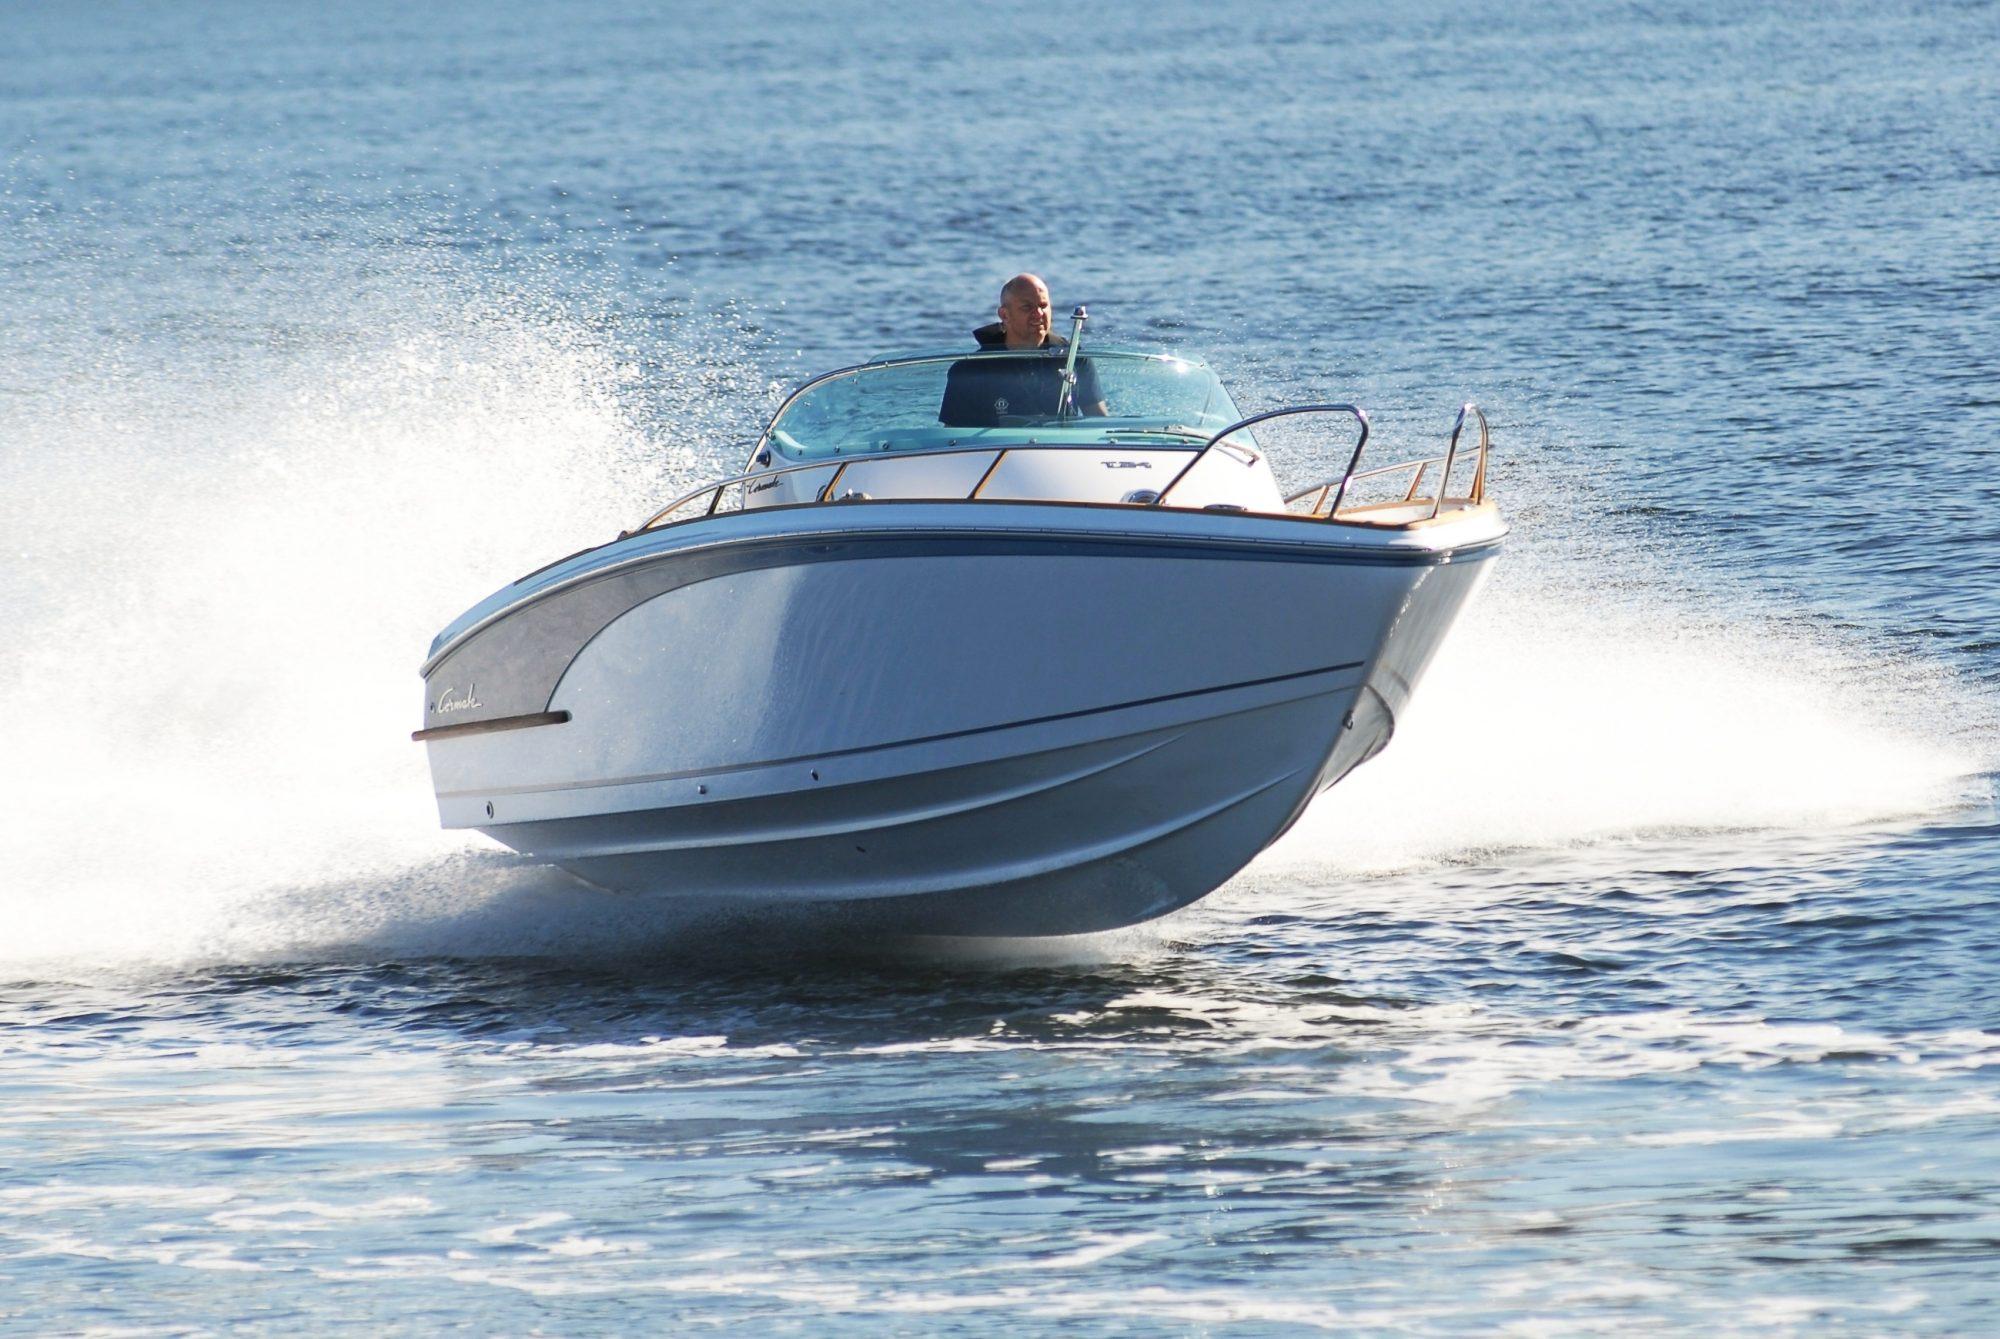 Velkommen til Jotuns Båtmagasin – alt du trenger til årets båtpuss!